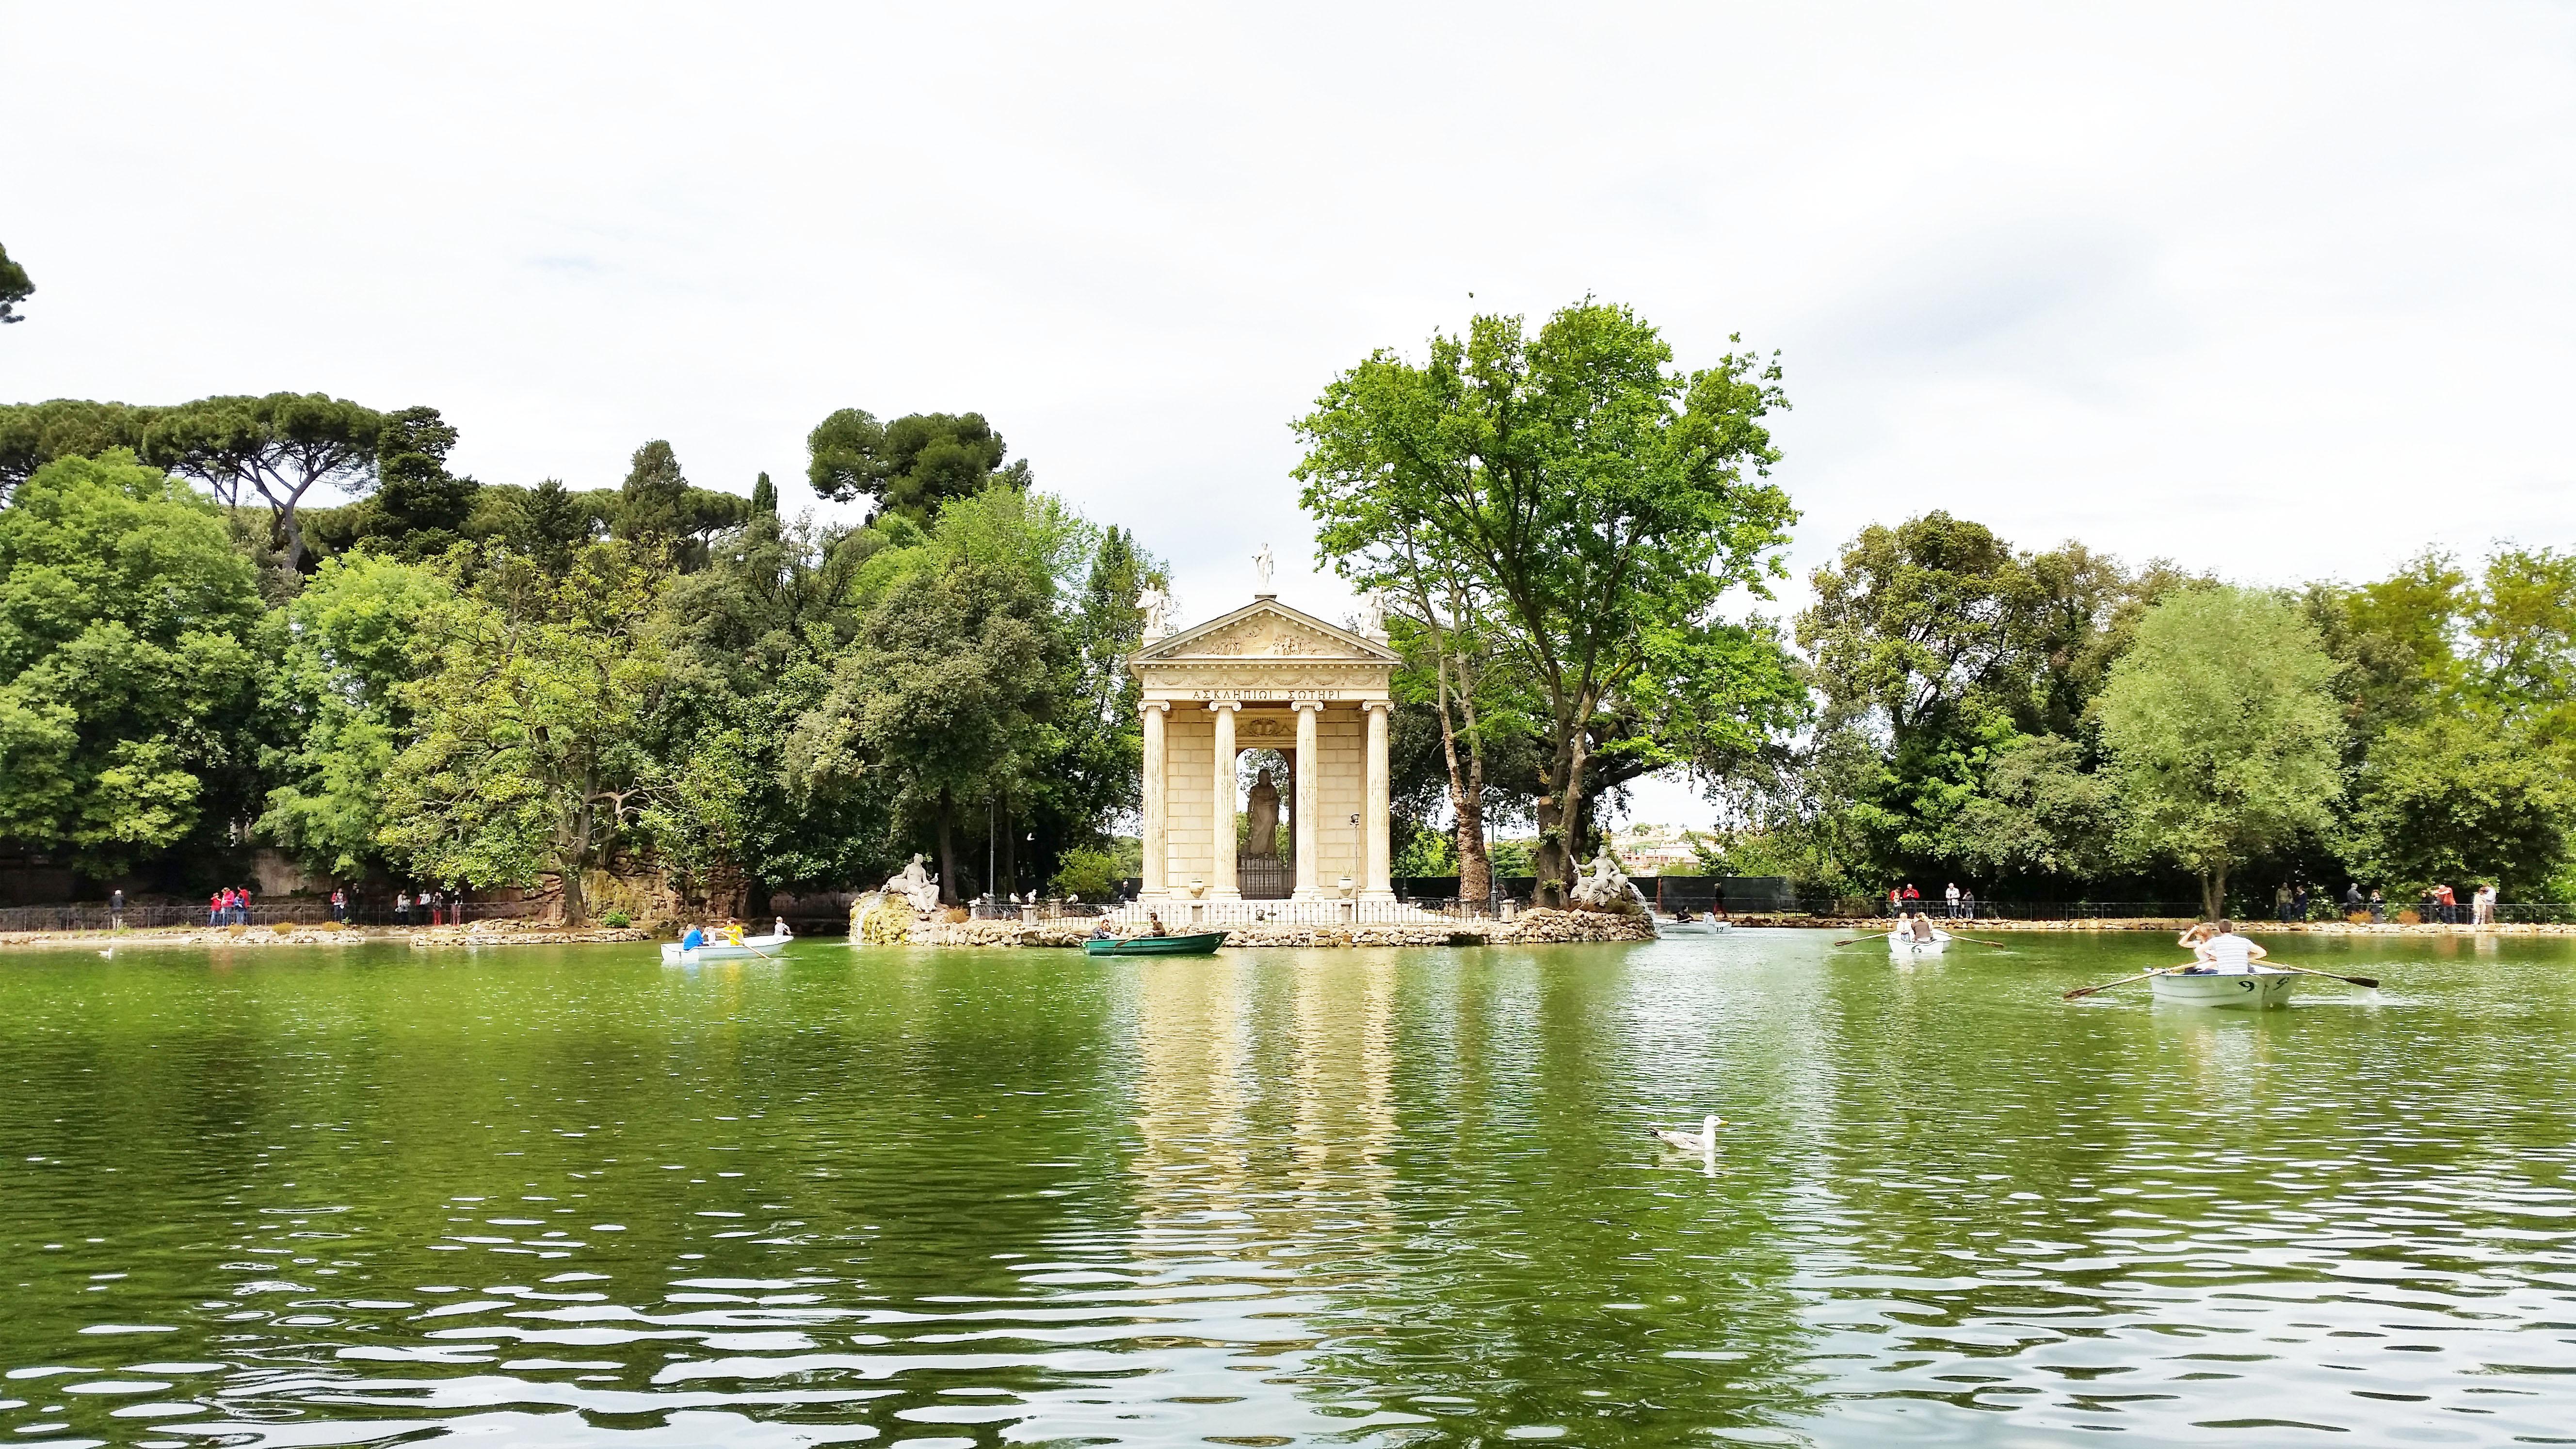 visiter Rome à la Doce Vita